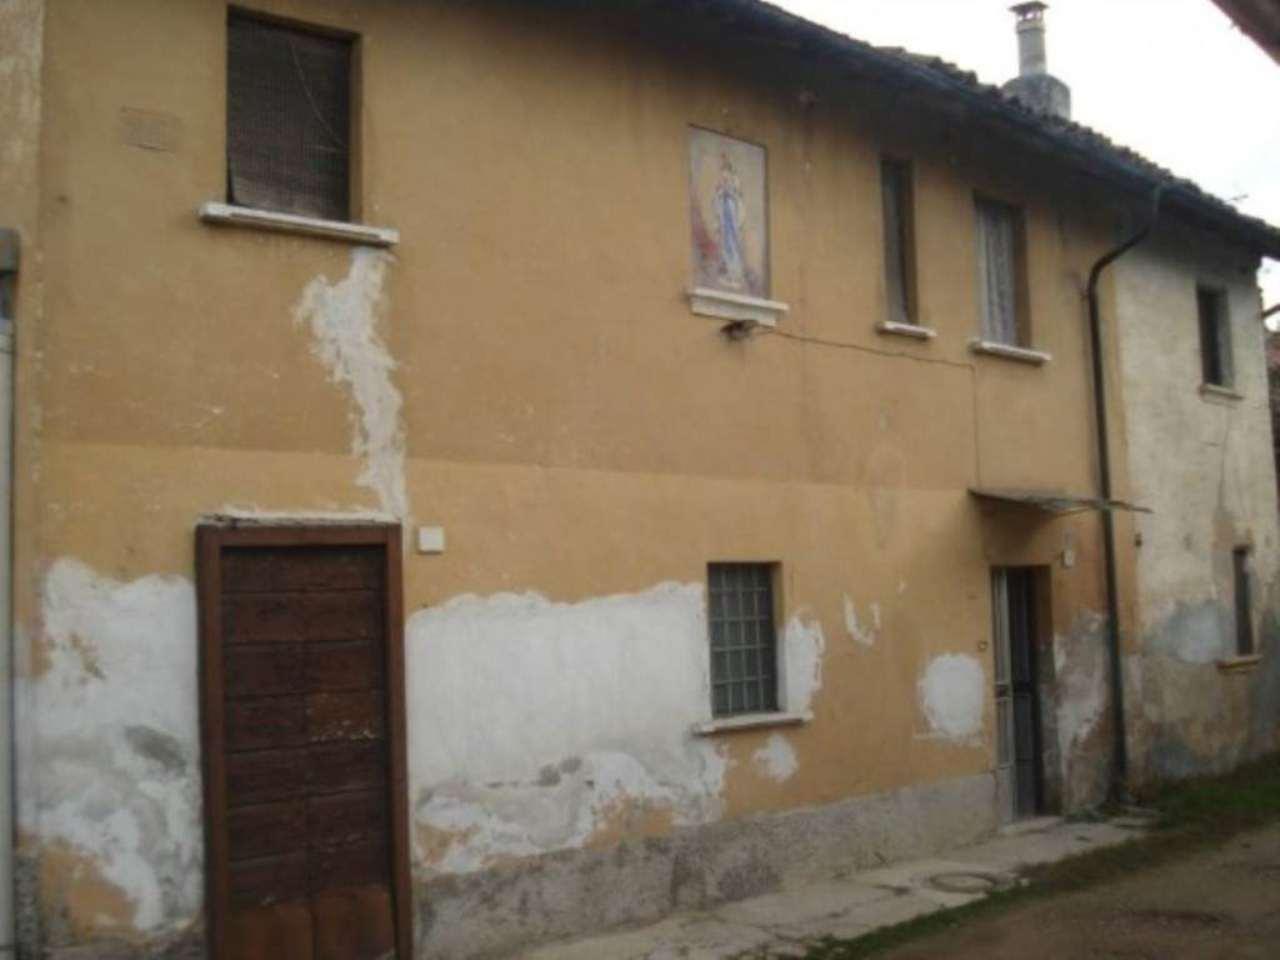 Rustico / Casale in vendita a Bereguardo, 6 locali, prezzo € 48.000 | Cambio Casa.it